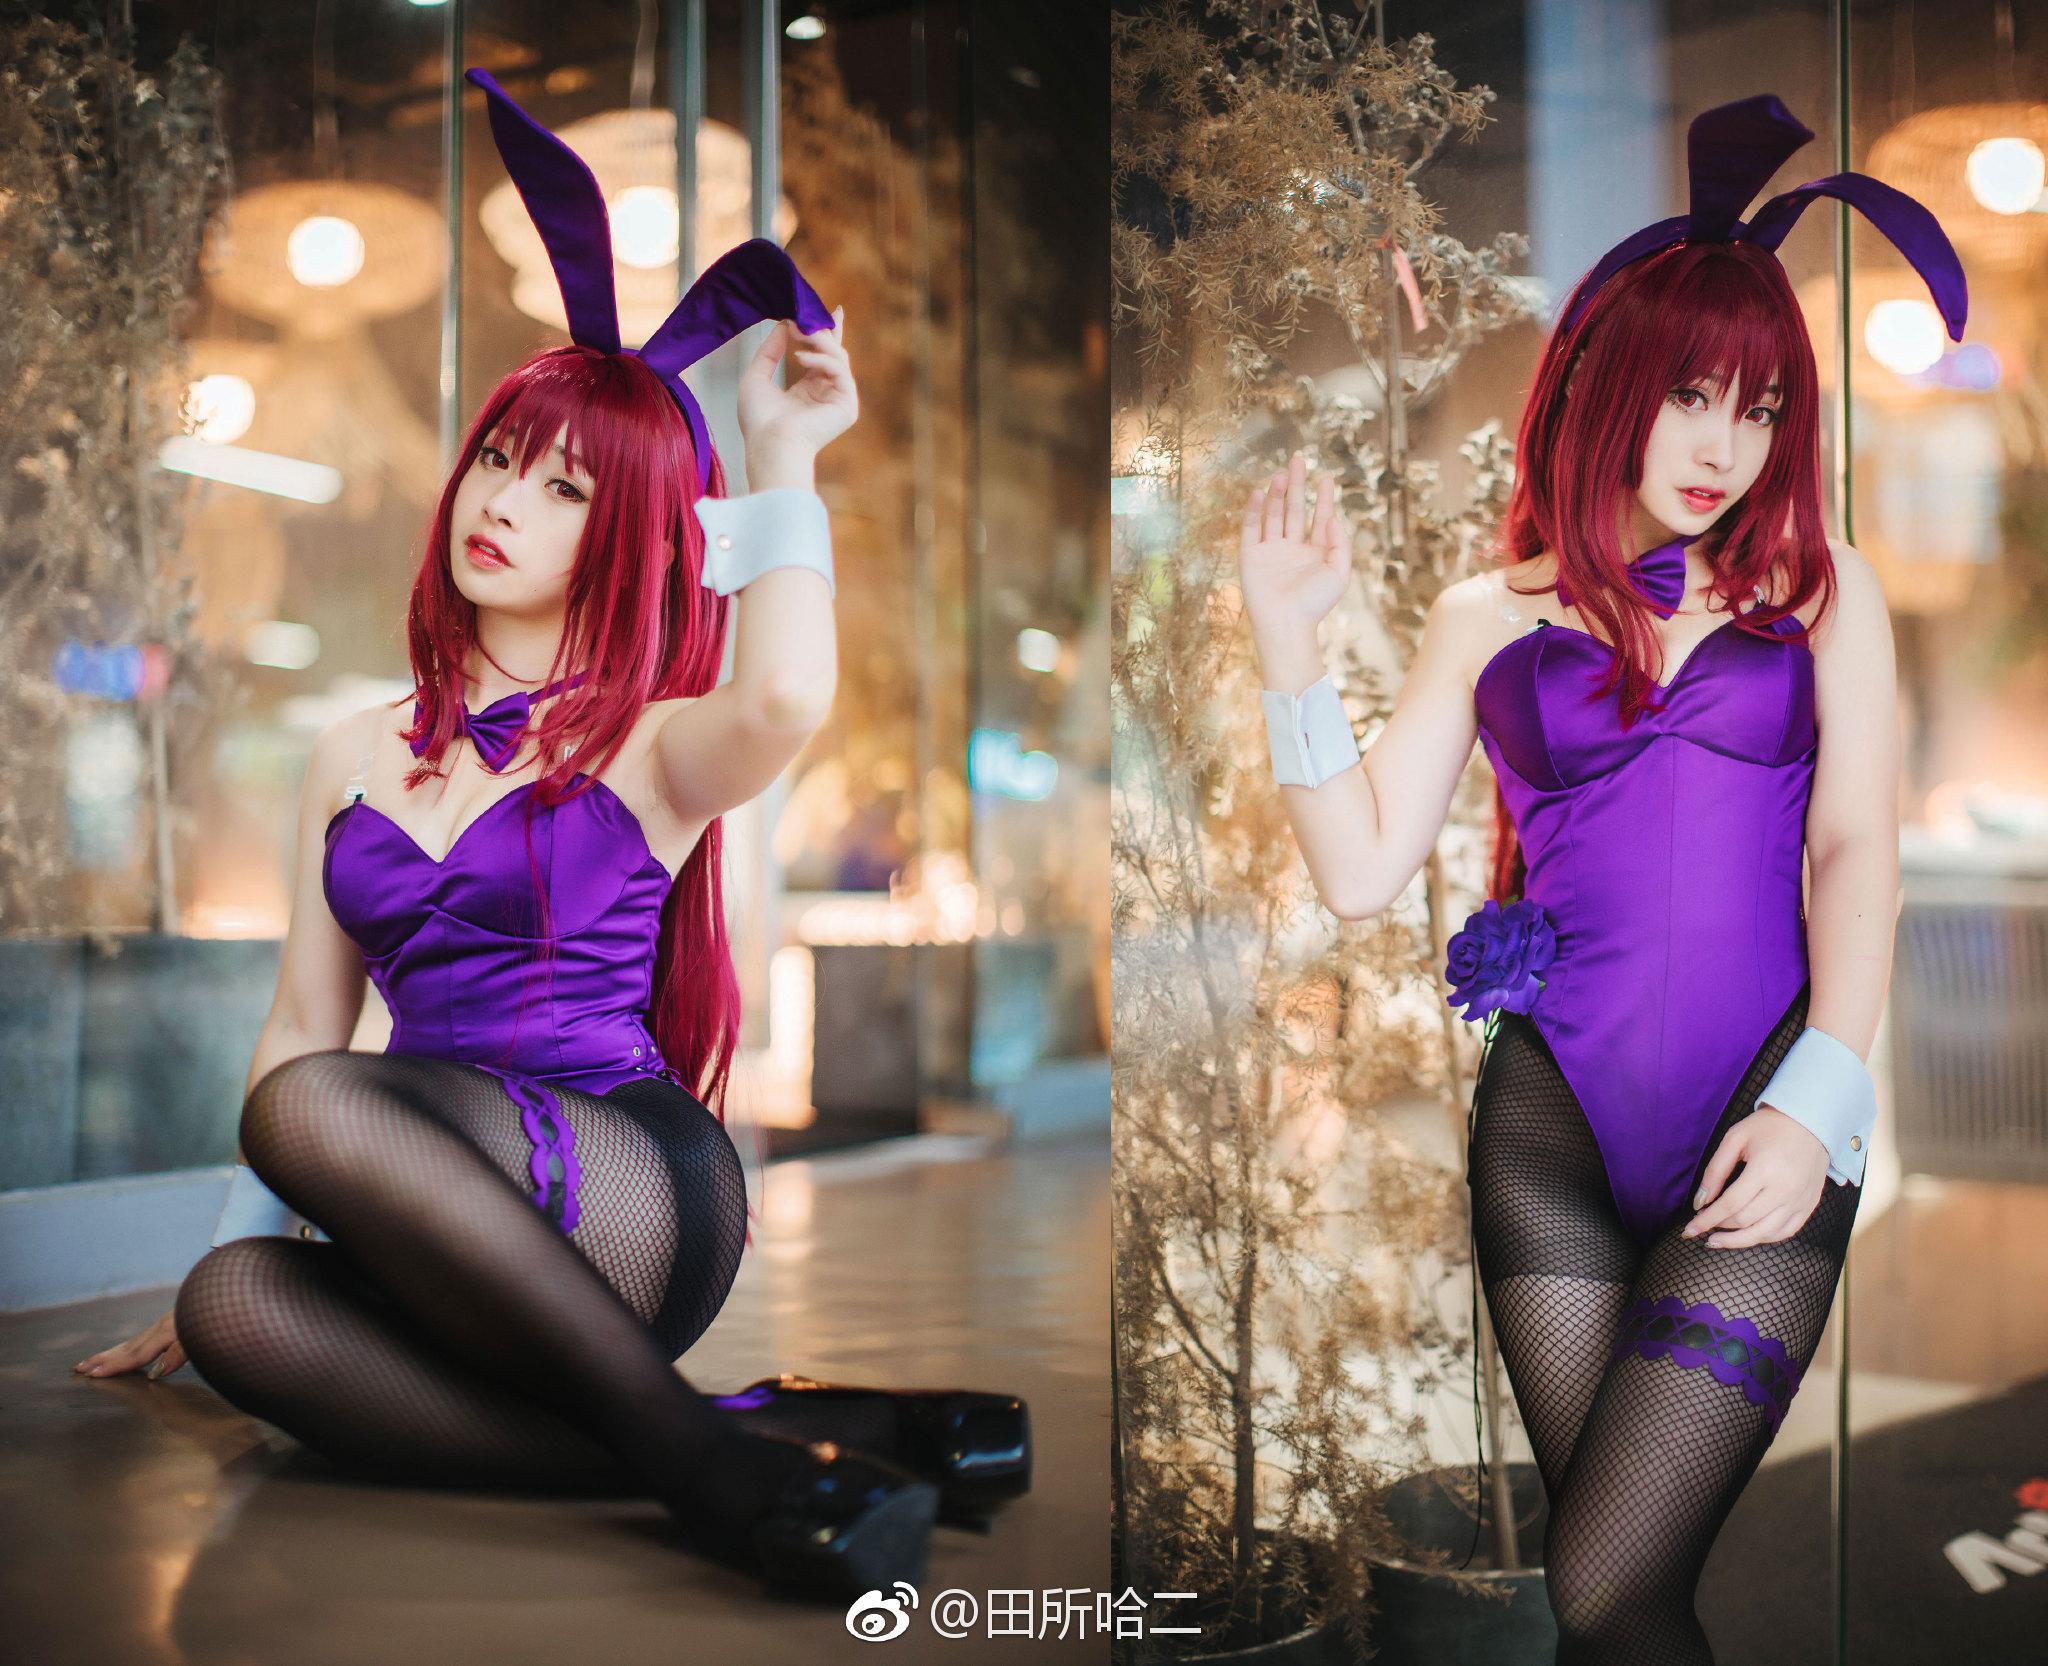 看不腻的黑丝,萌妹子的师匠兔女郎Cos(9P)